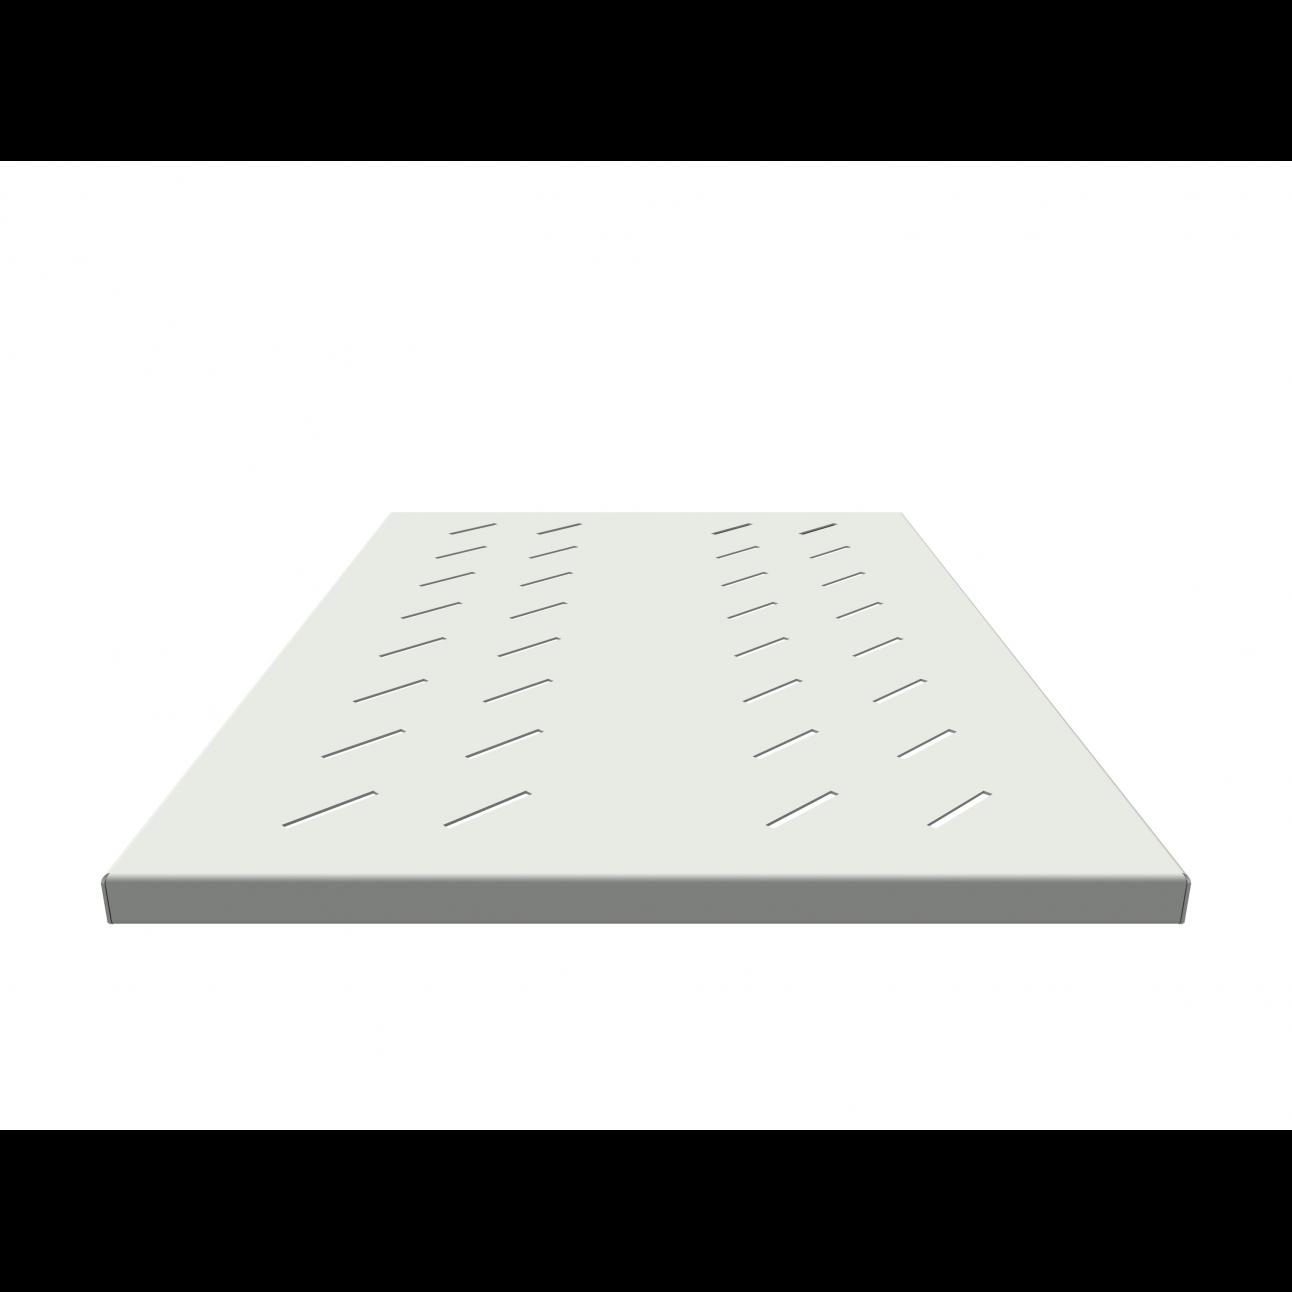 Полка стационарная усиленная в шкаф глубиной 900мм, (глубина полки 650мм) нагрузка 250кг, цвет-серый (SNR-SHELF-09065-250G)